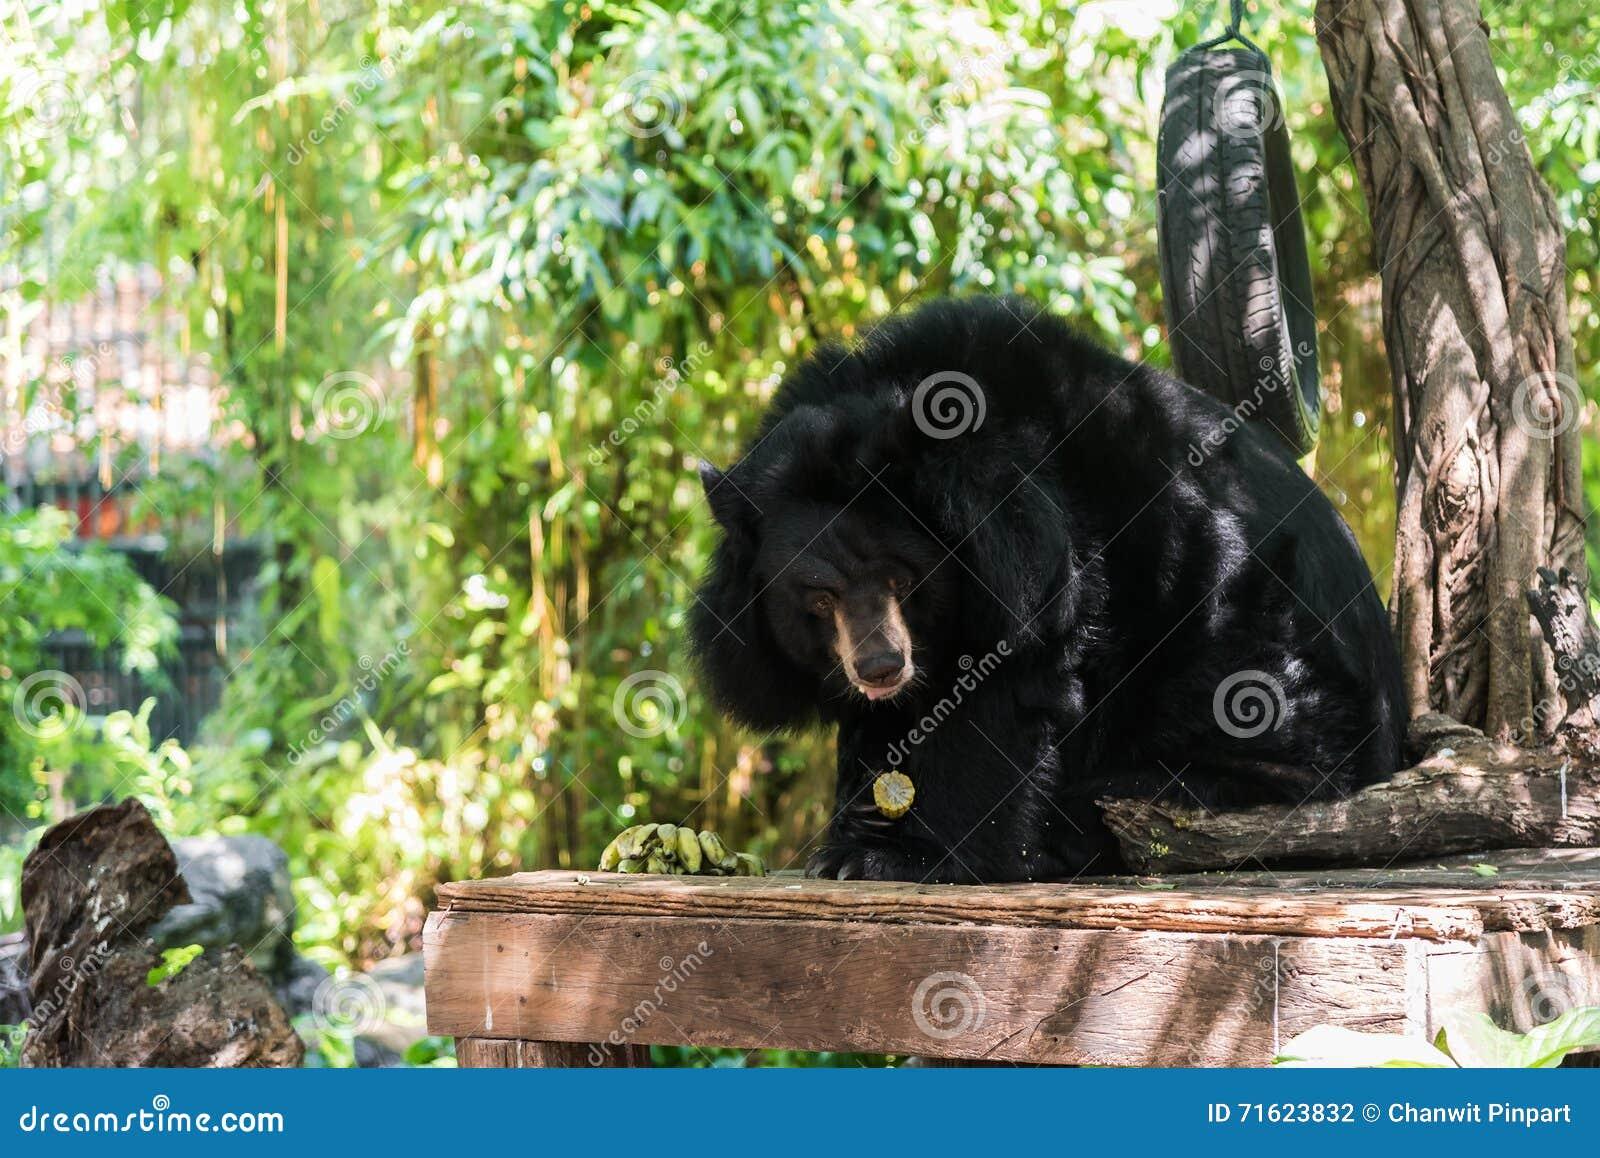 De Aziatische zwarte draagt (Ursus-thibetanus) etend graan